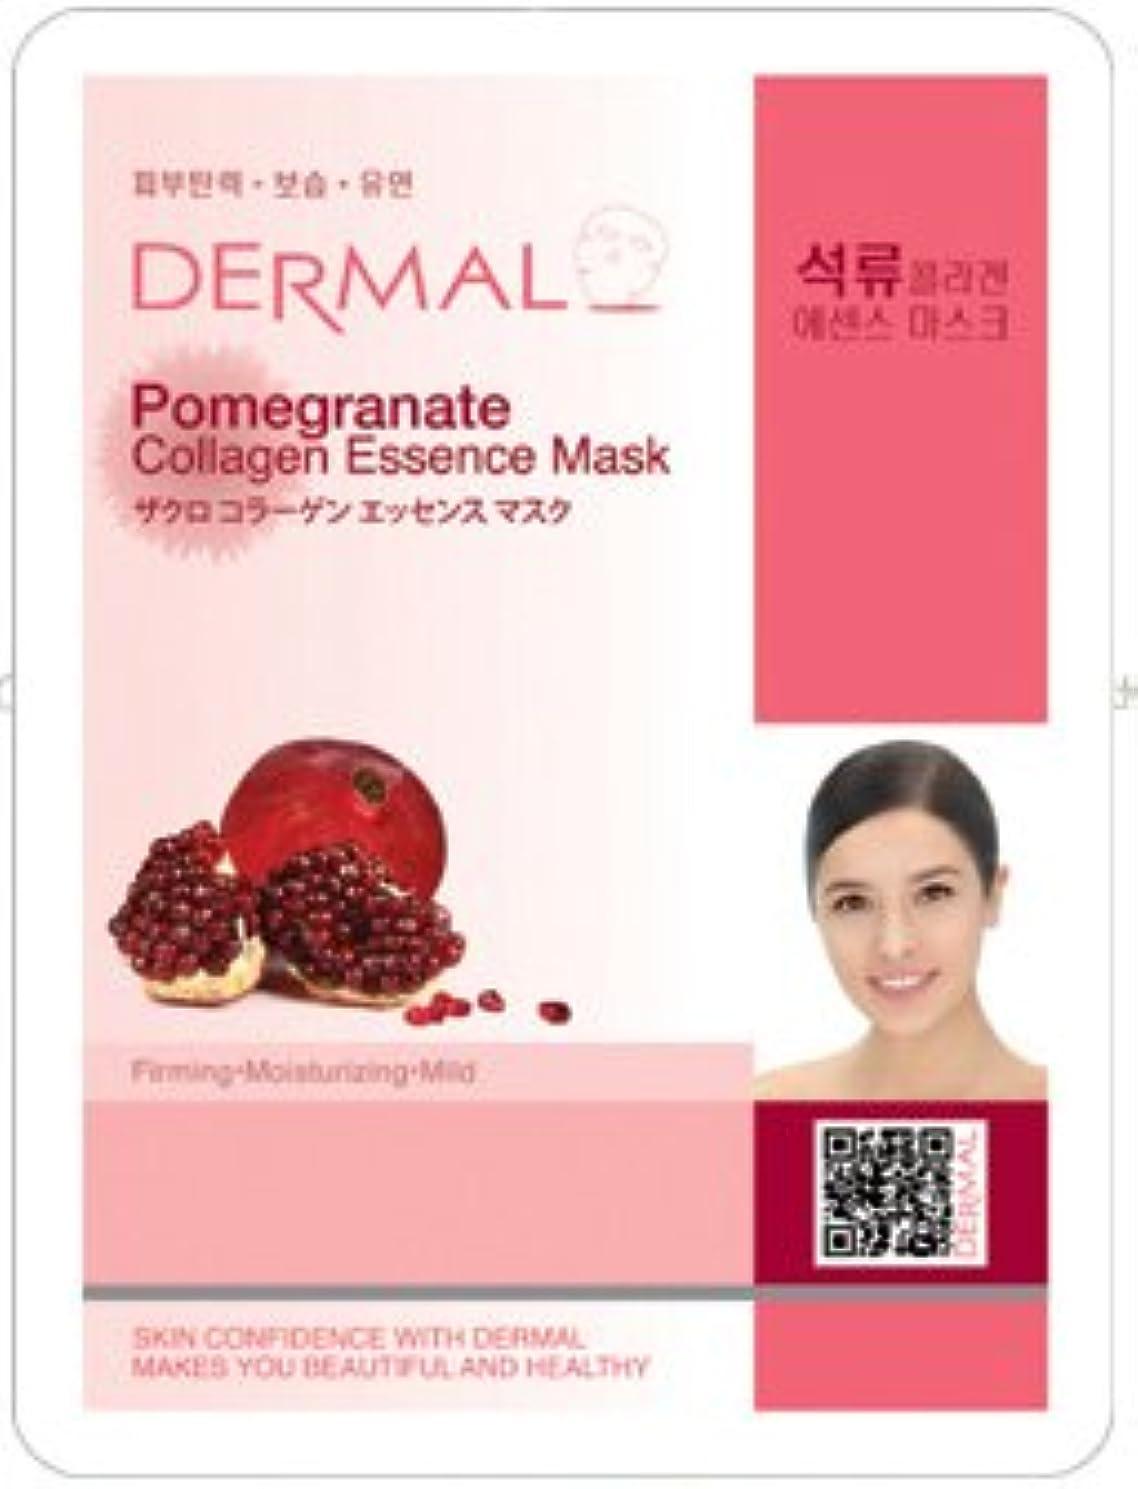 管理しますバクテリア使用法Dermal(ダーマル)シートマスク ザクロ 100枚セット